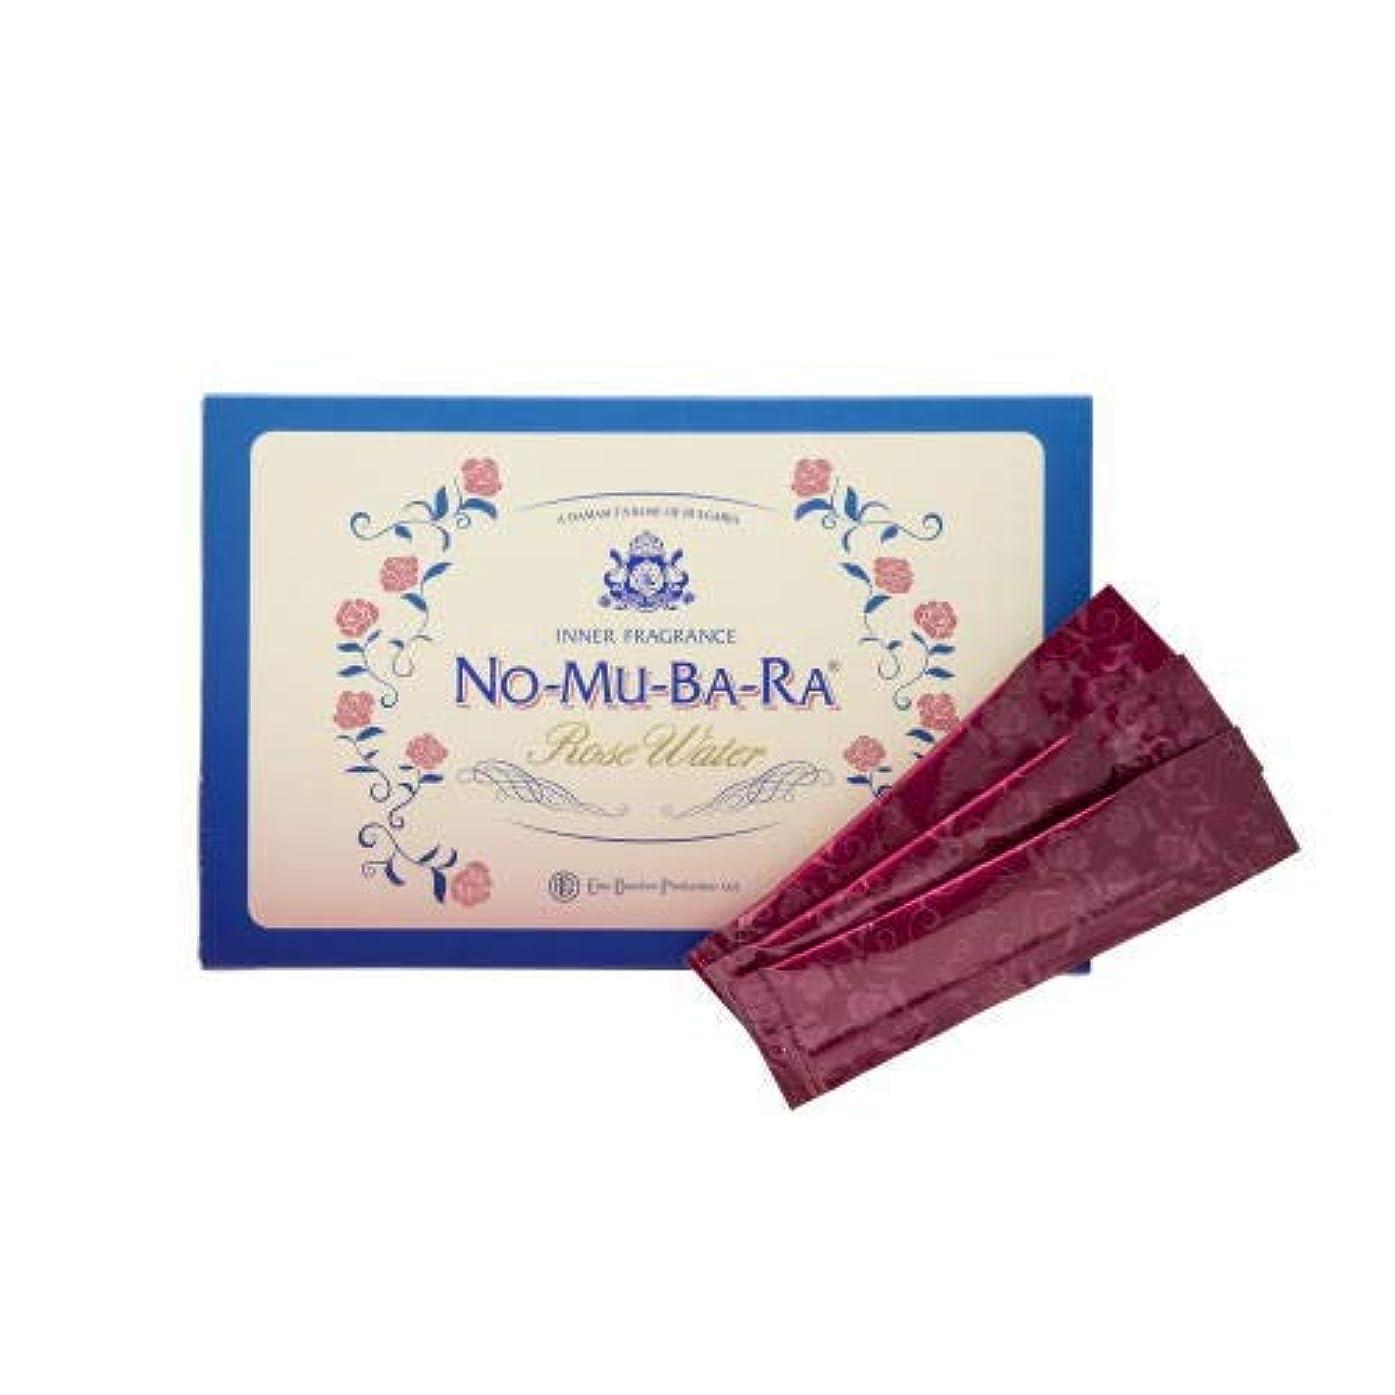 癌パーク綺麗なNO-MU-BA-RA NO-MU-BA-RA(ノムバラ)(35包入)×2箱【モンドセレクション受賞】